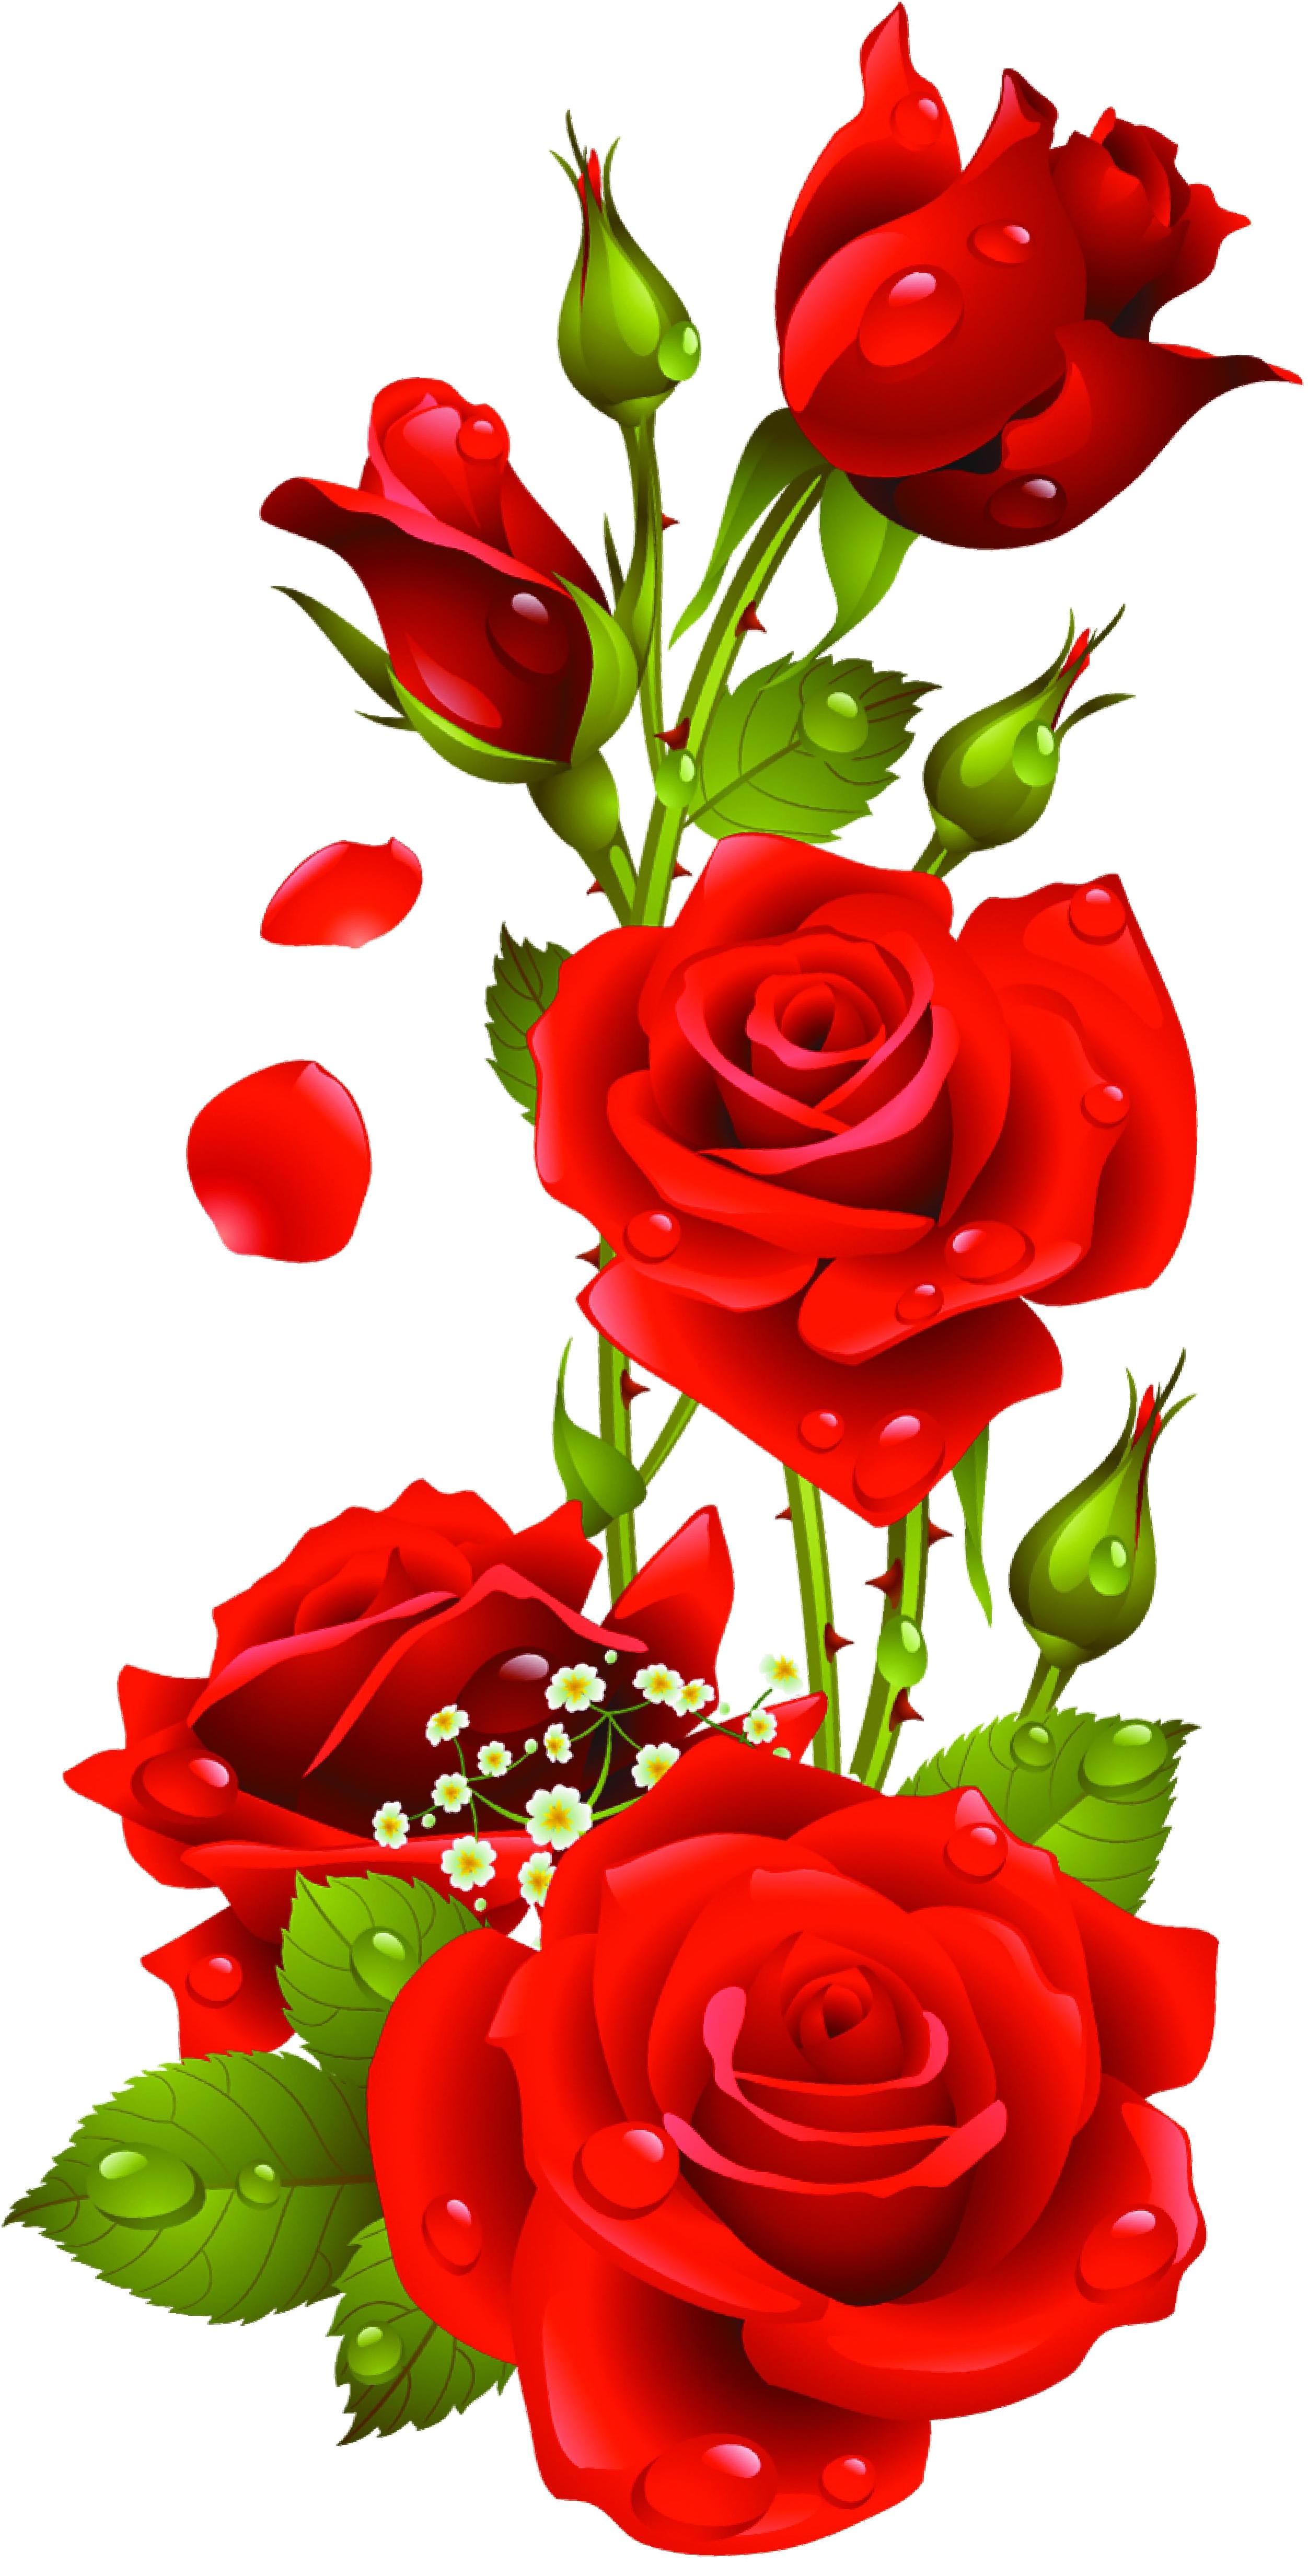 Rose Vector Png at GetDrawings | Free download